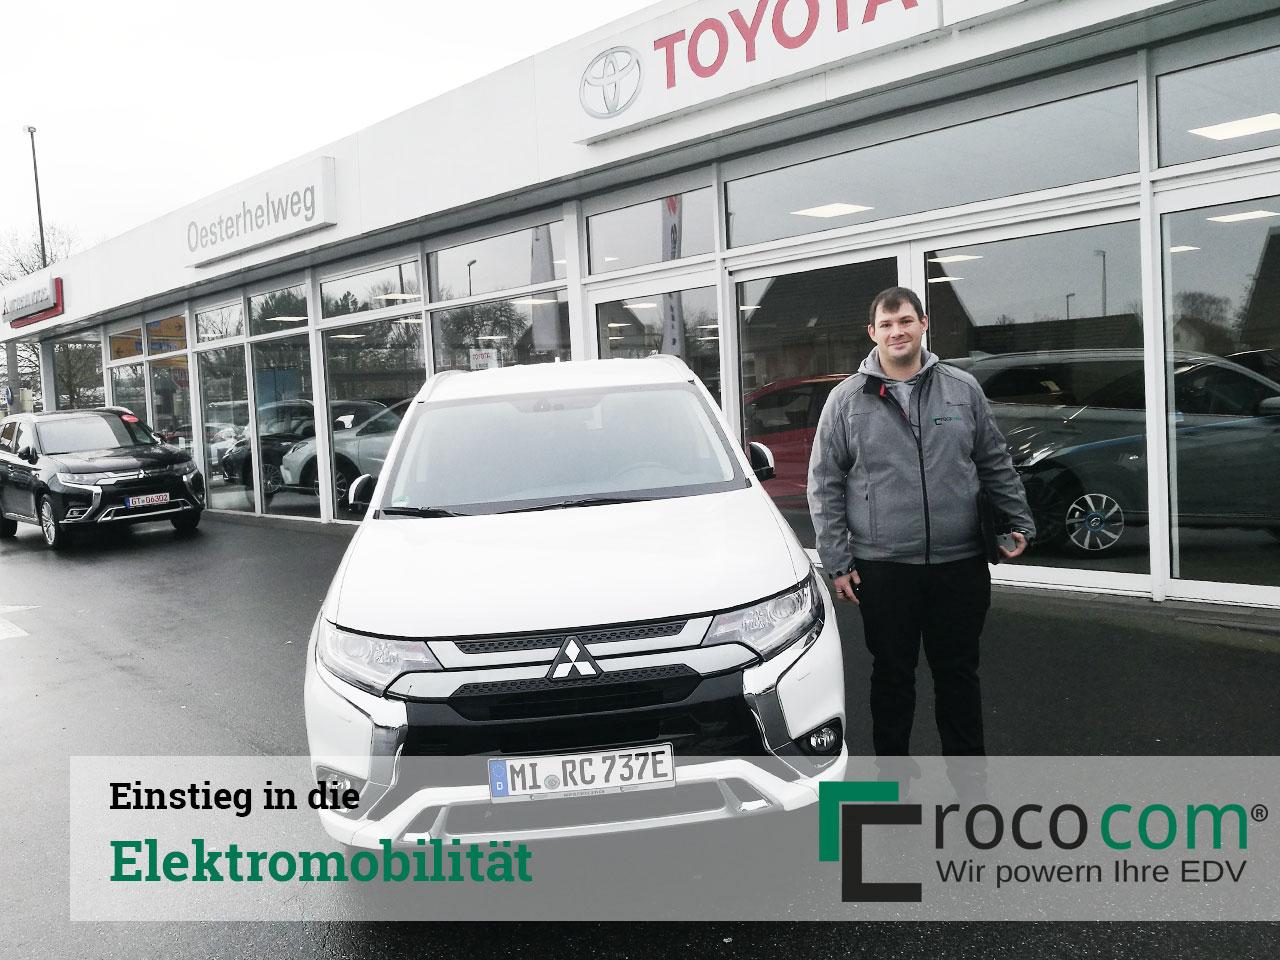 Einstieg in die Elektromobilität